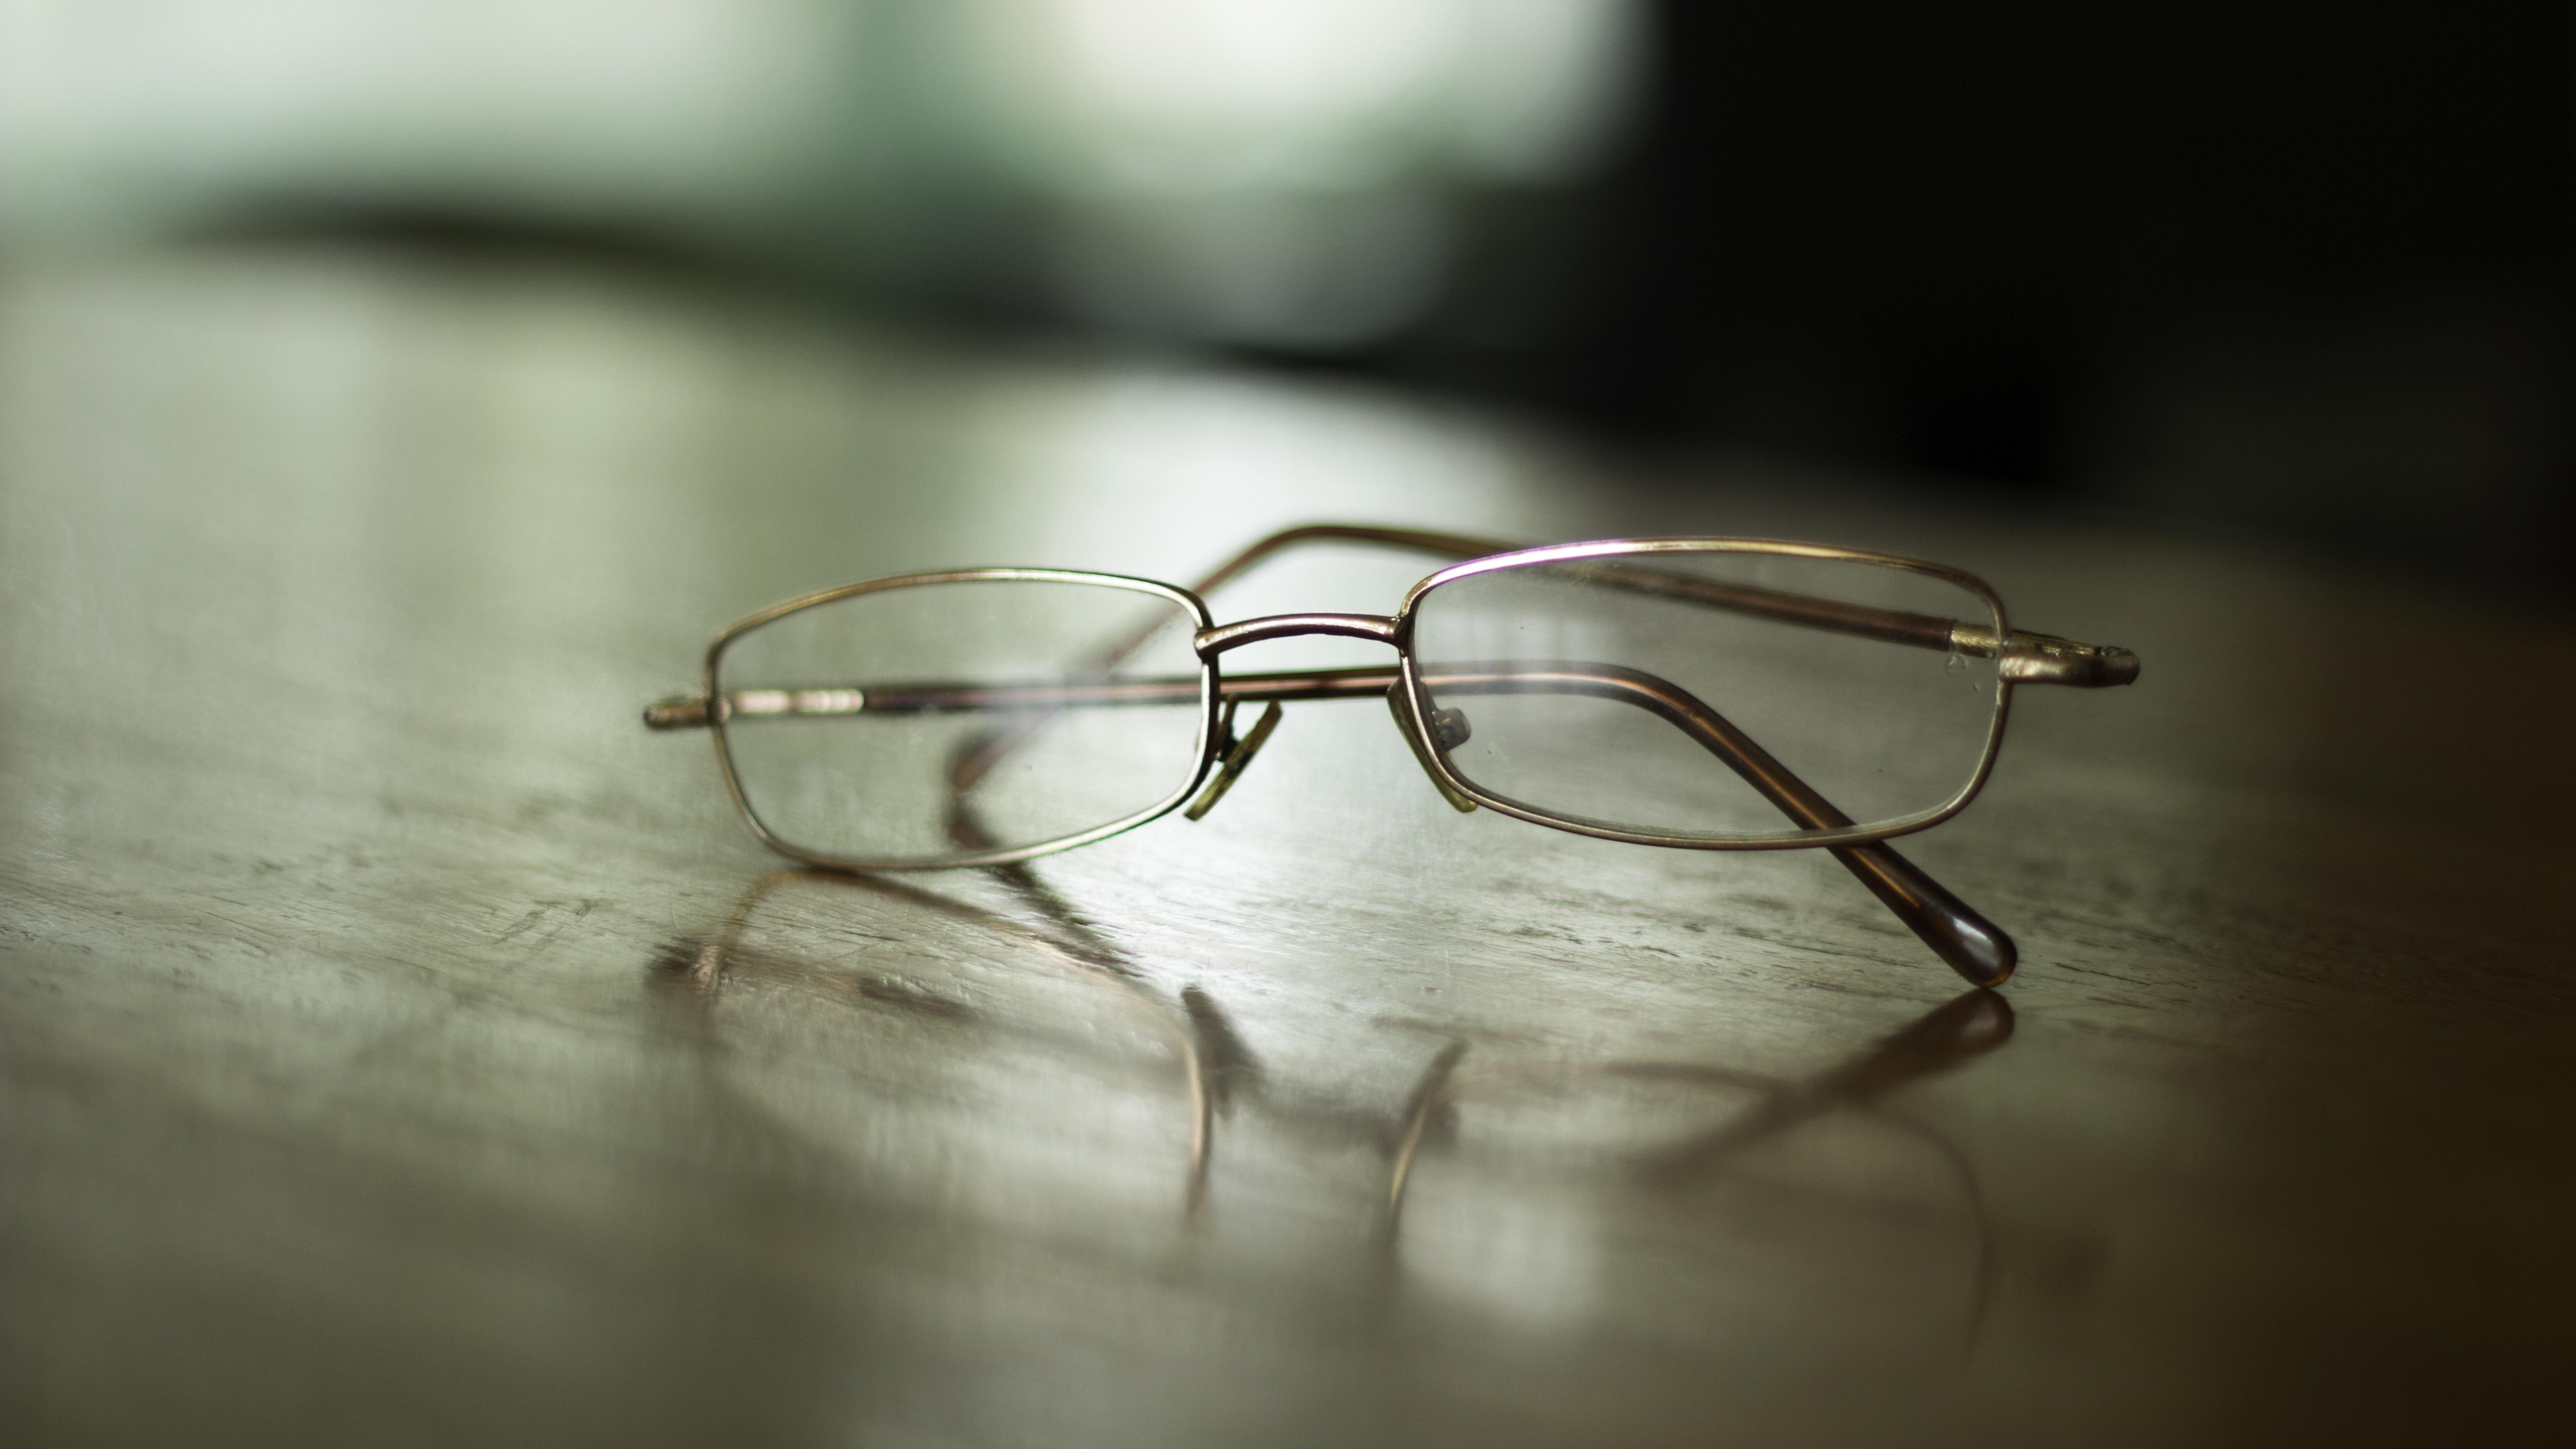 あなたの眼鏡が危ない!お風呂上がりにやりがちな落とし穴